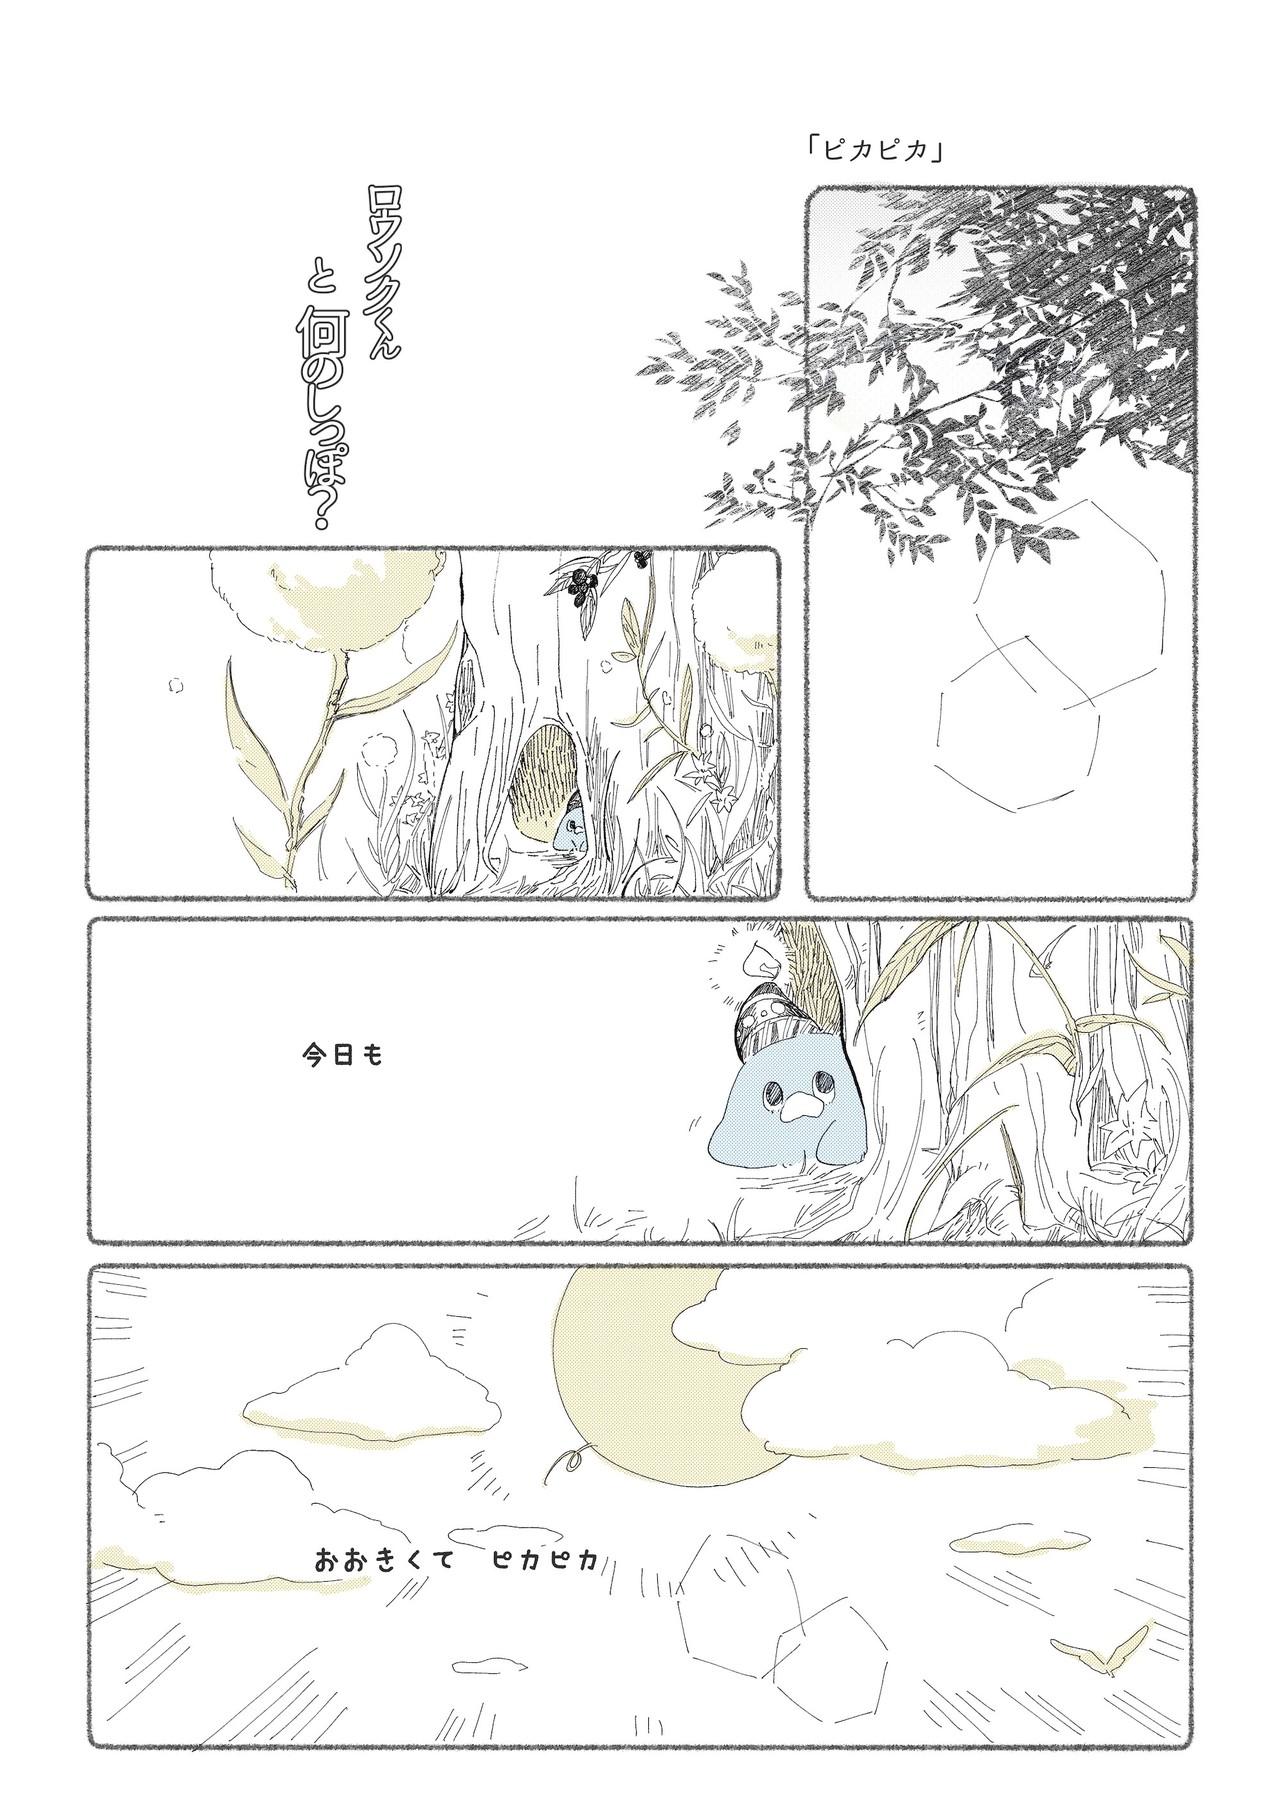 ロウソクくん_漫画1